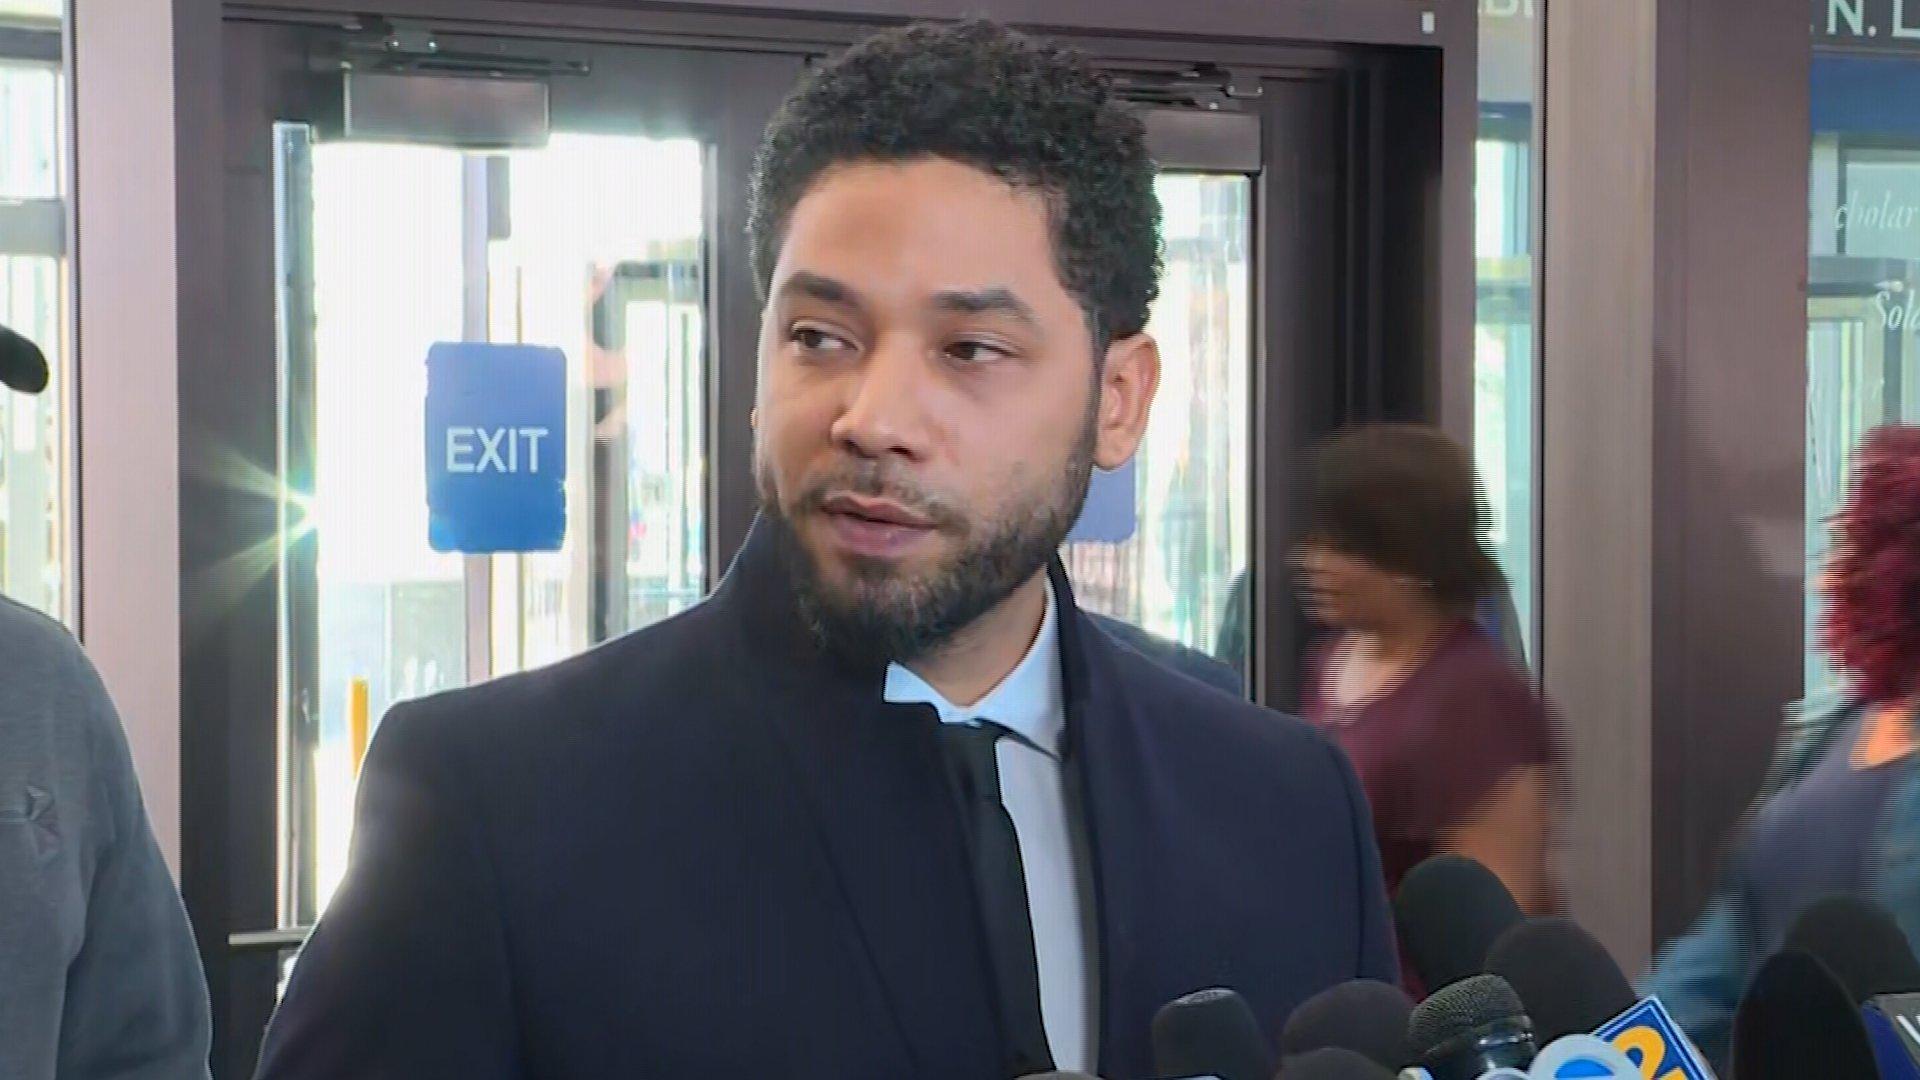 Former federal prosecutor to investigate Jussie Smollett case